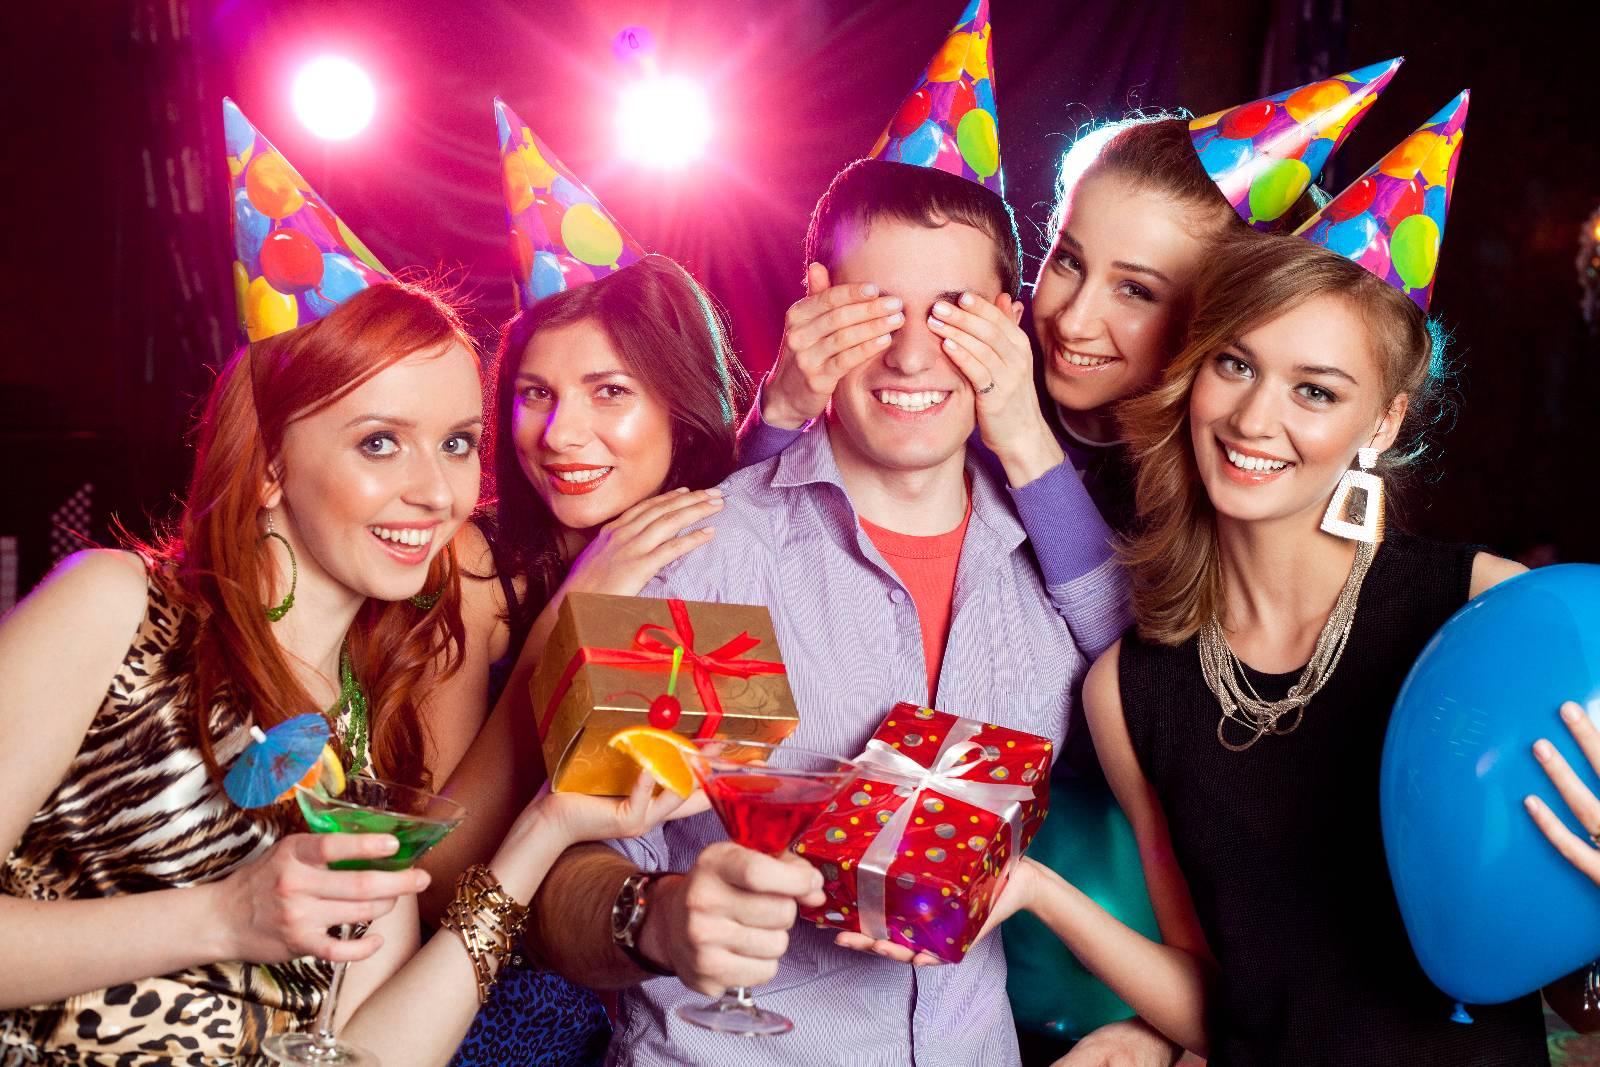 как сфотографироваться на дне рождения всего взять сувенирные